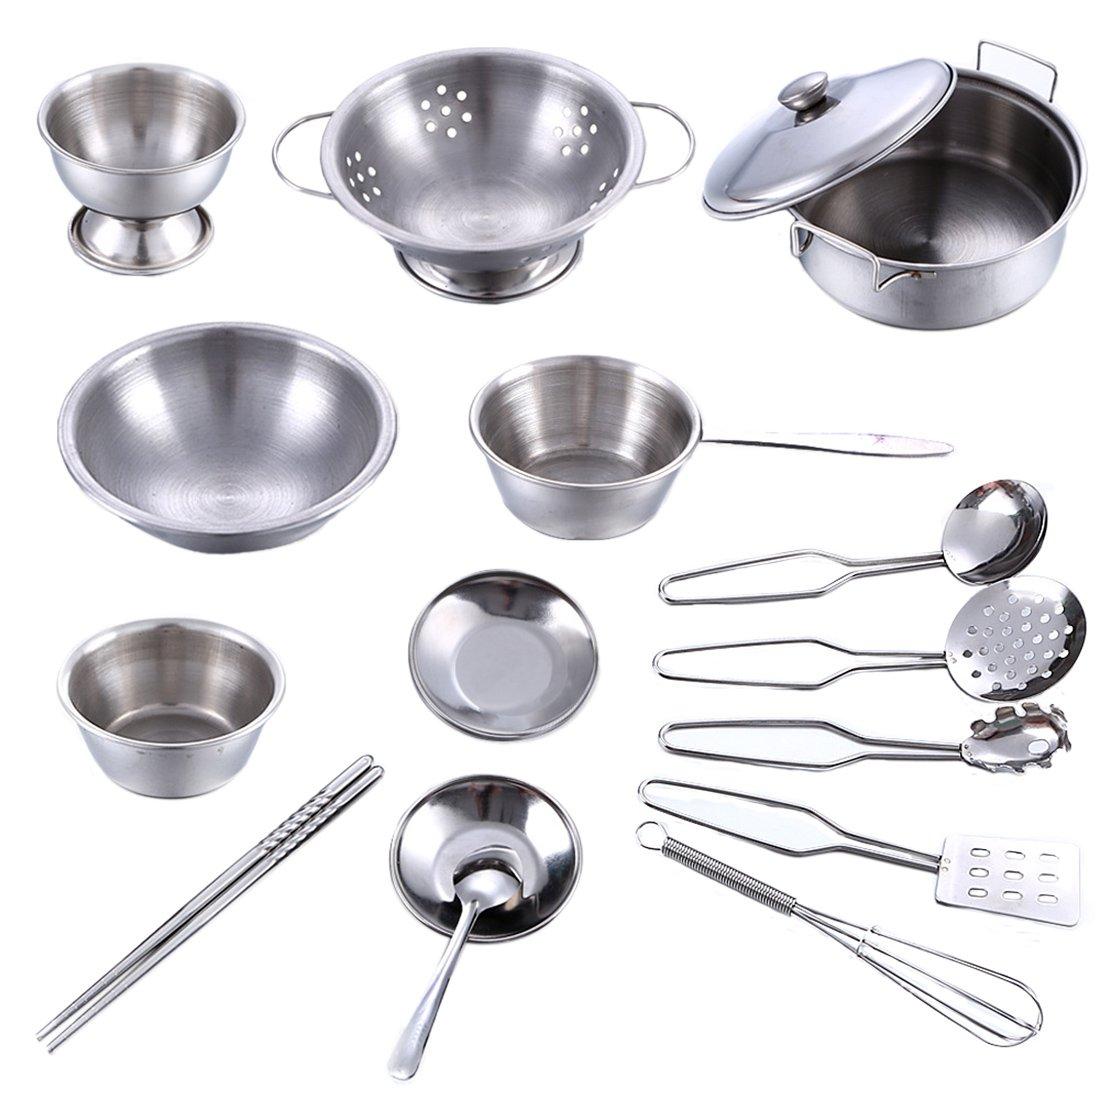 Kinderküche Geschirr Set, Lommer 16 Stück Edelstahl Kochutensilien ...